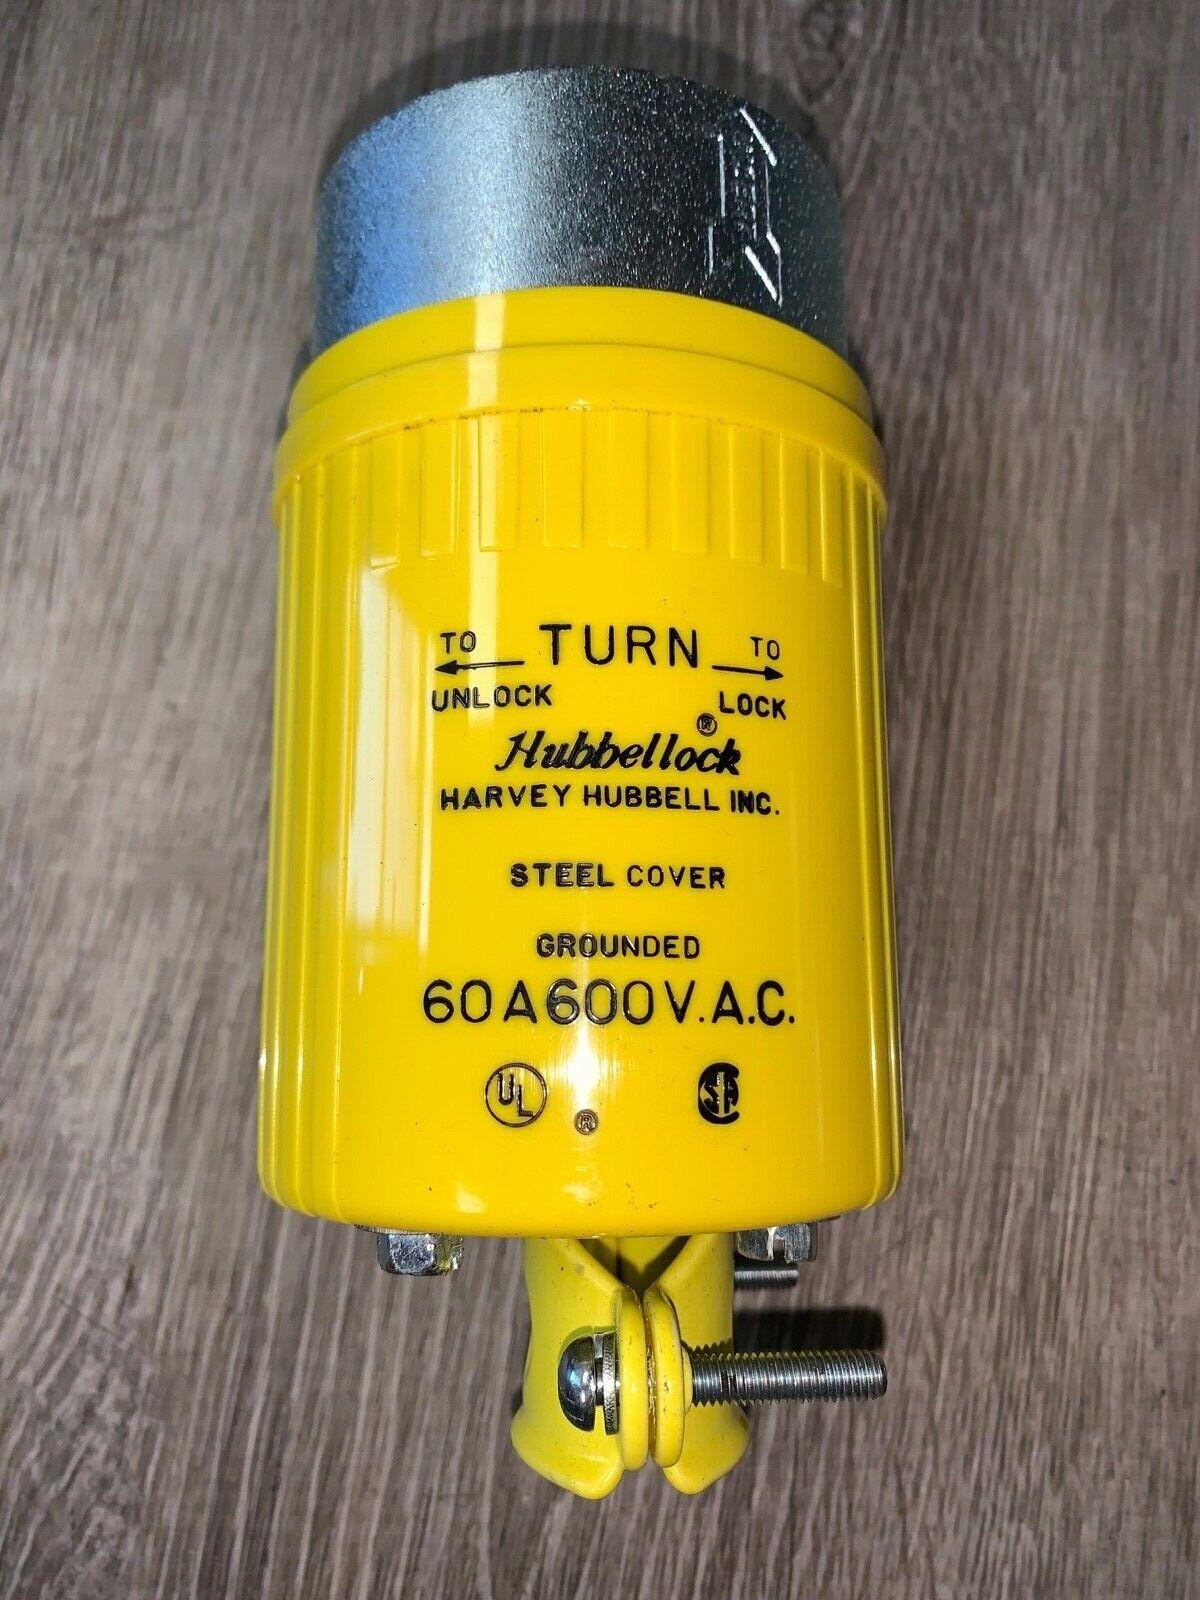 Used Hubbell HBL 26419 60A 600V Hubbellock Plug Non-NEMA